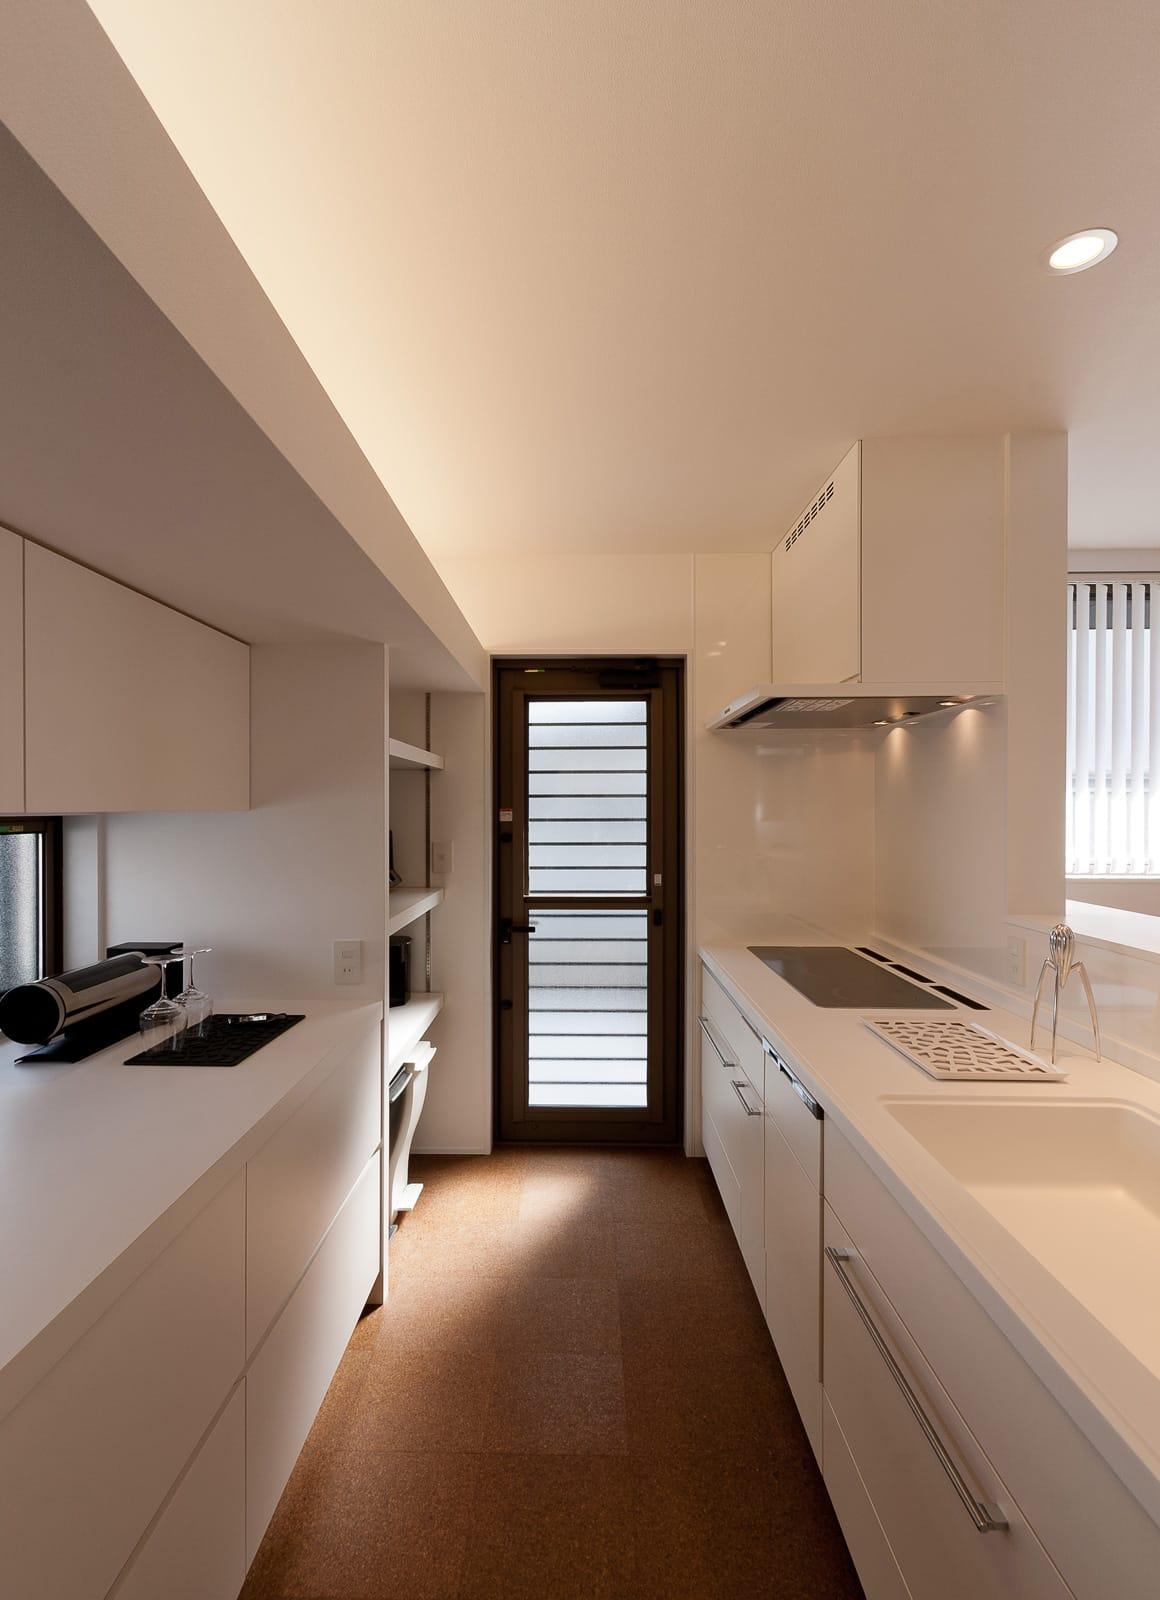 バランスのとれた優等生住宅の収納(キッチン)1